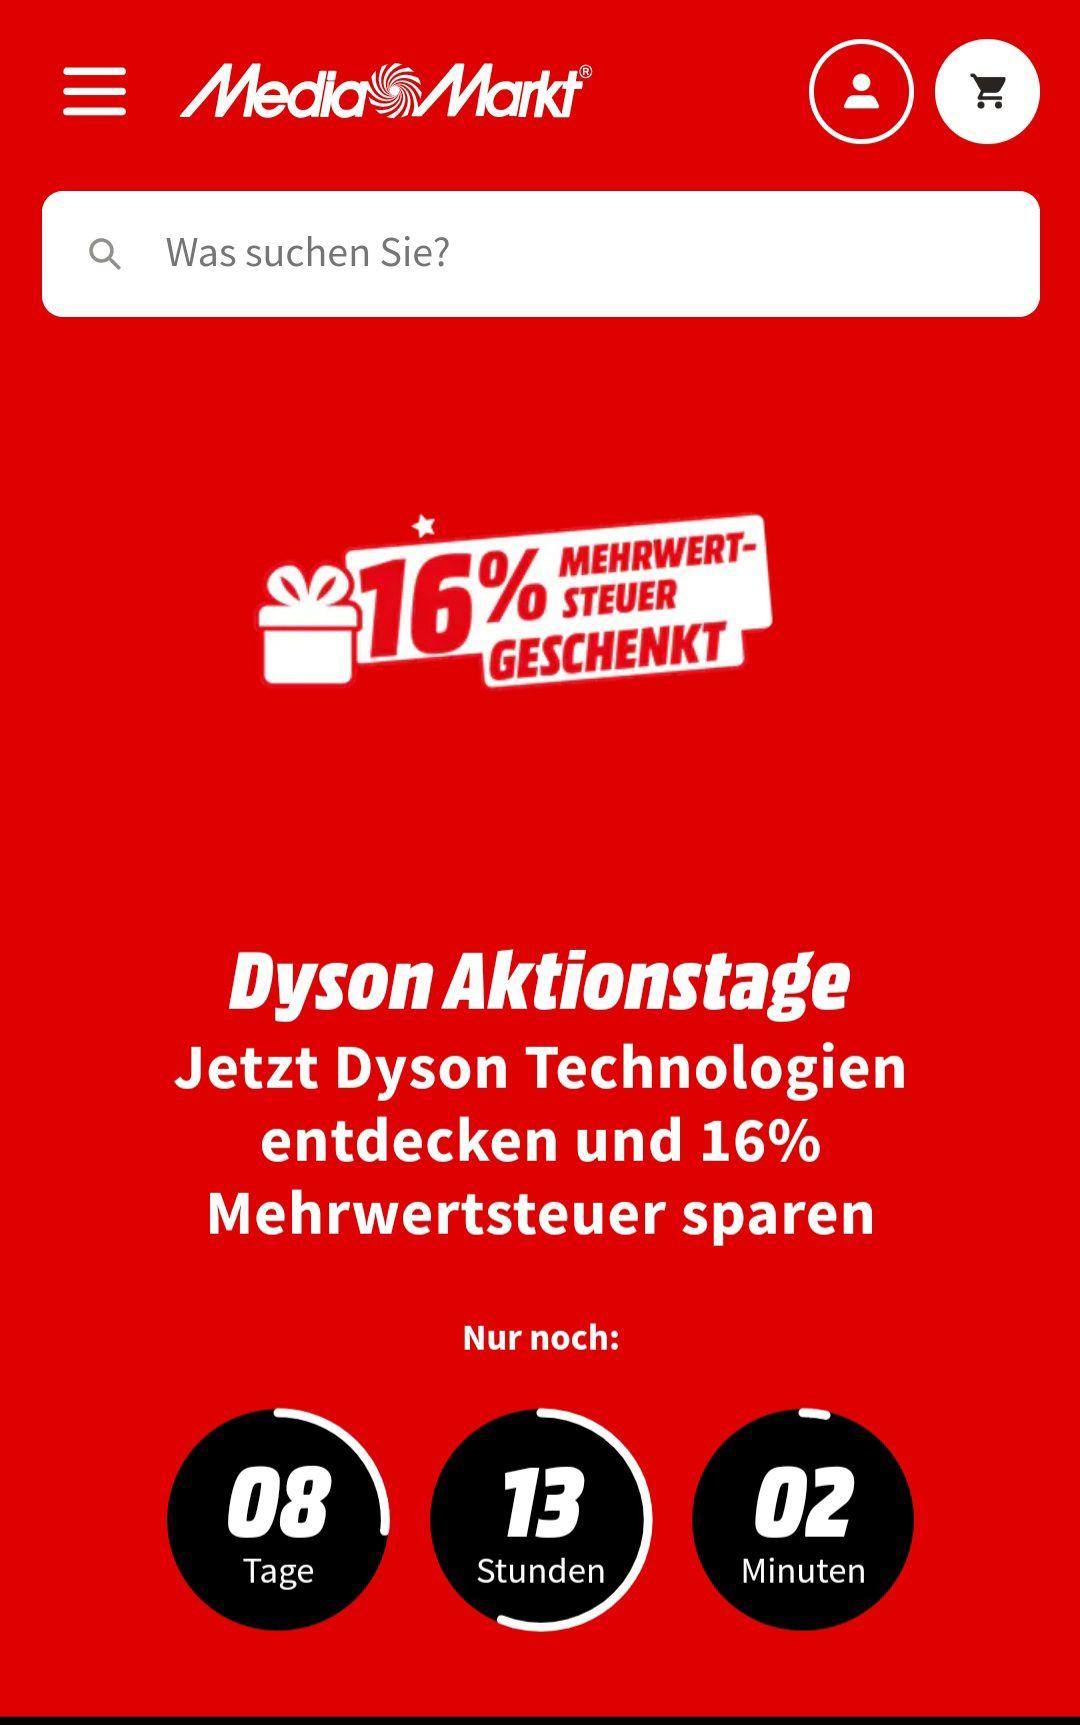 Media Markt - 16% MwSt. geschenkt auf Dyson Produkte (Bsp. DYSON Akkusauger)